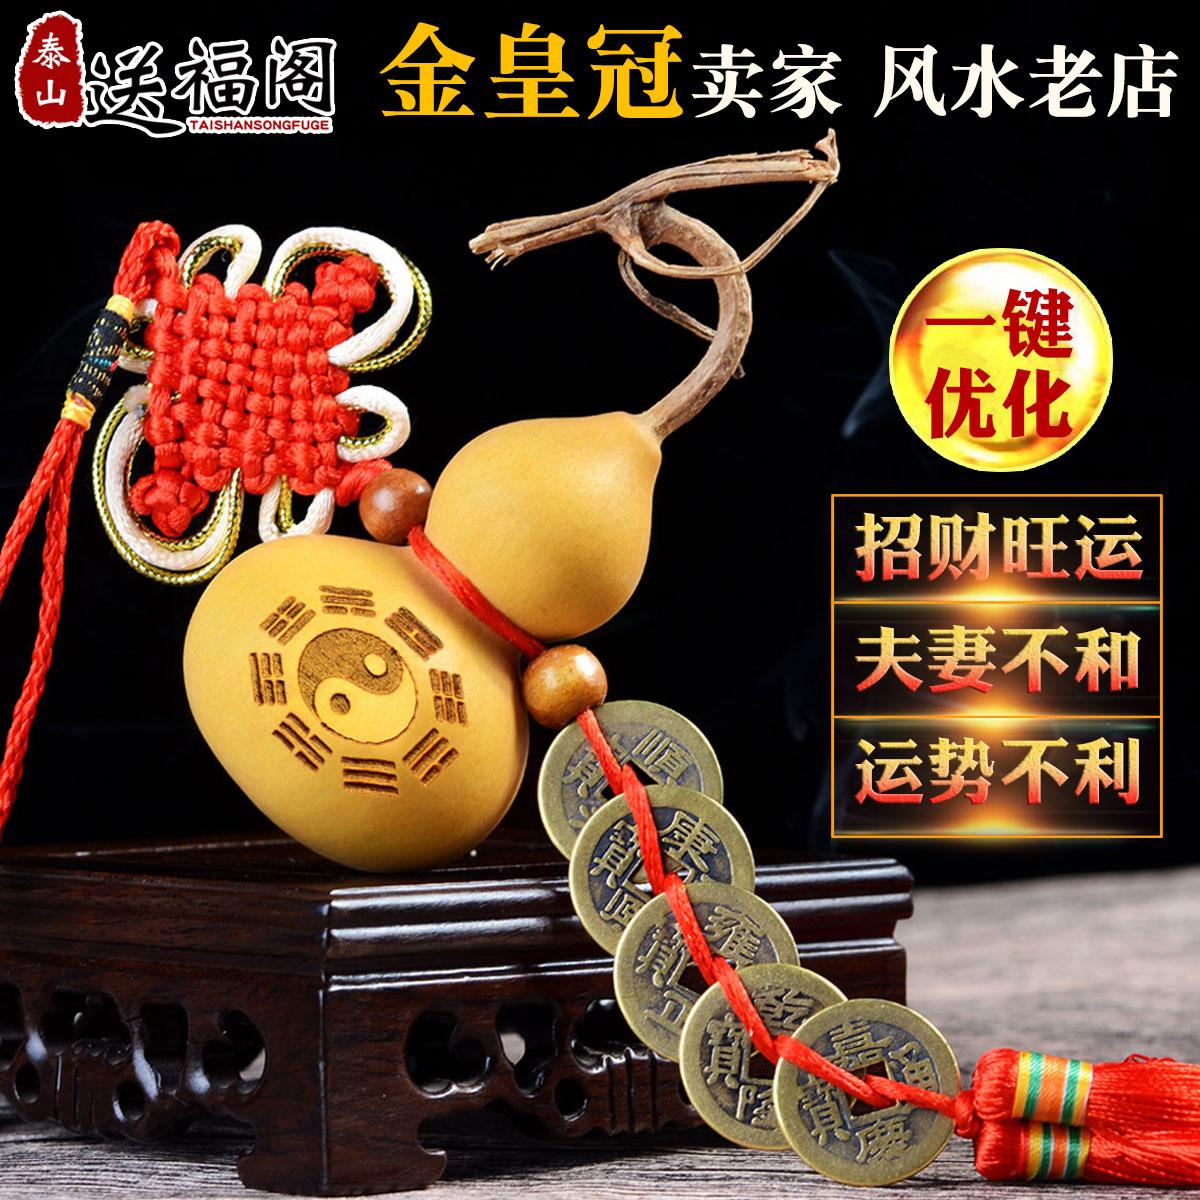 Открытый wenwan натуральный тыквой кулон дома фэн-шуй украшения счастливый городской дом клеветнические зла пять императоров деньги подлинные